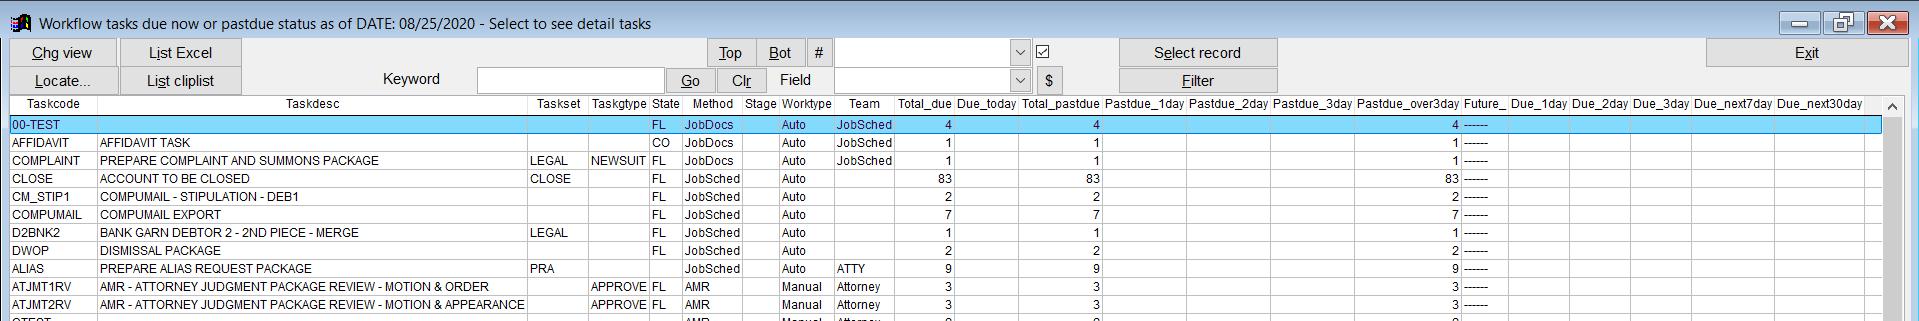 QLaw-E Tasks Due Screen